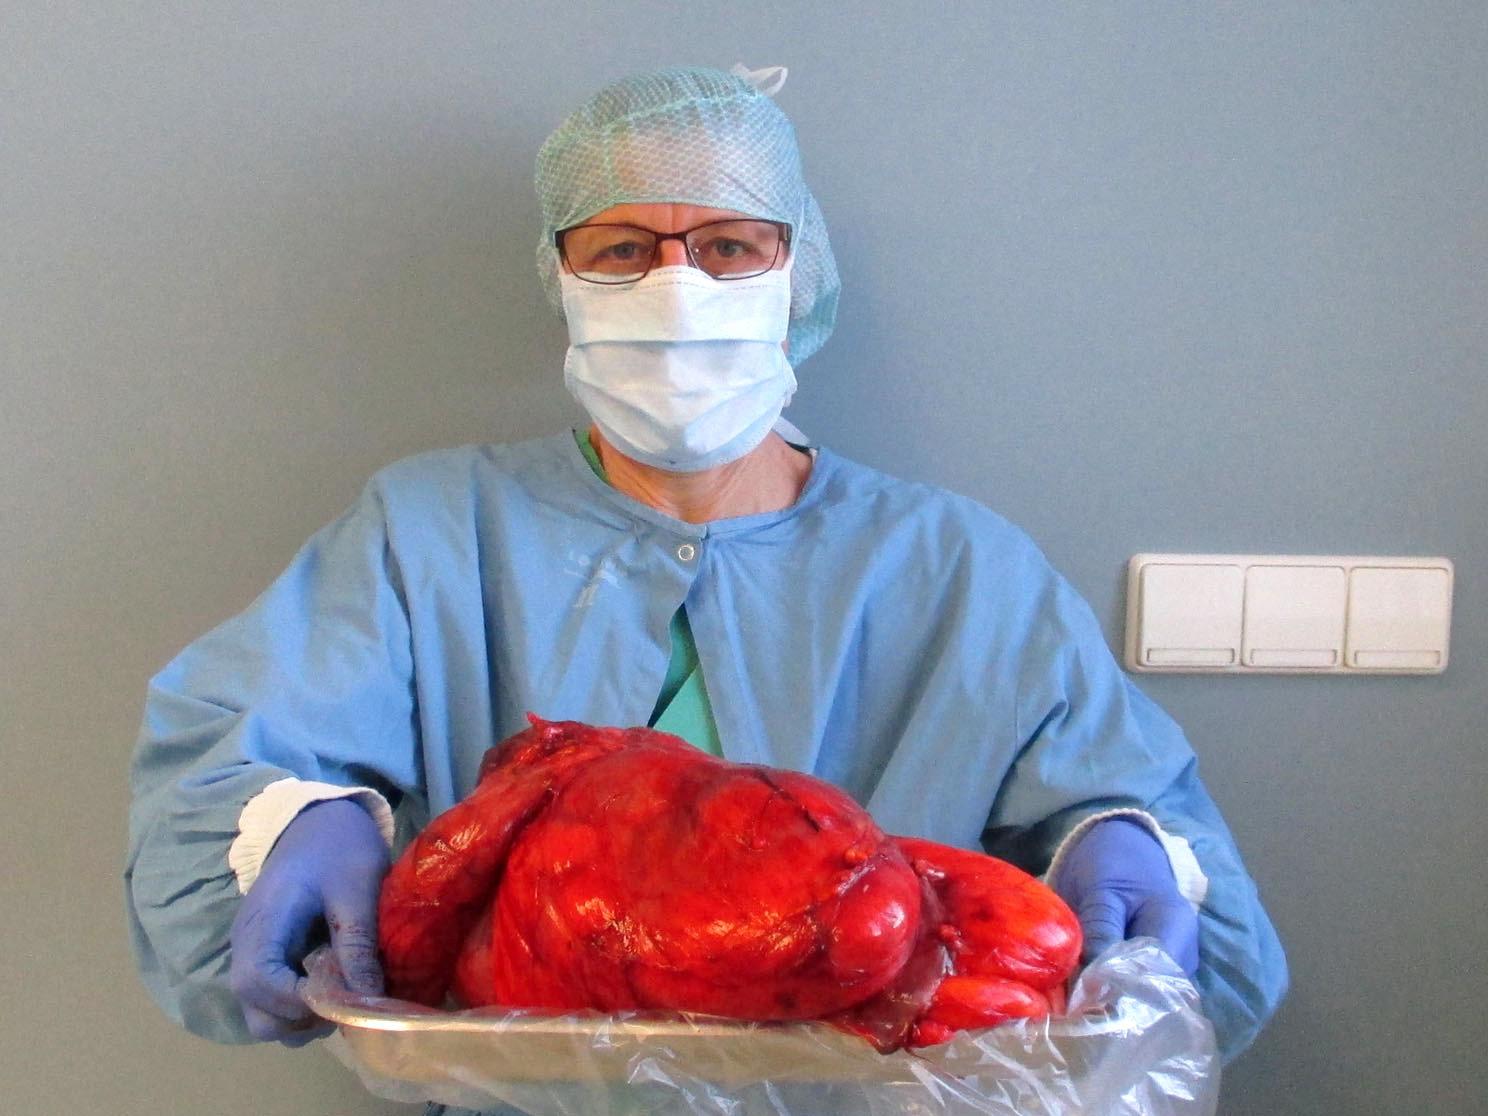 Ravensburg: Frau dachte, sie hätte Blähungen – aber es war rießiger Tumor